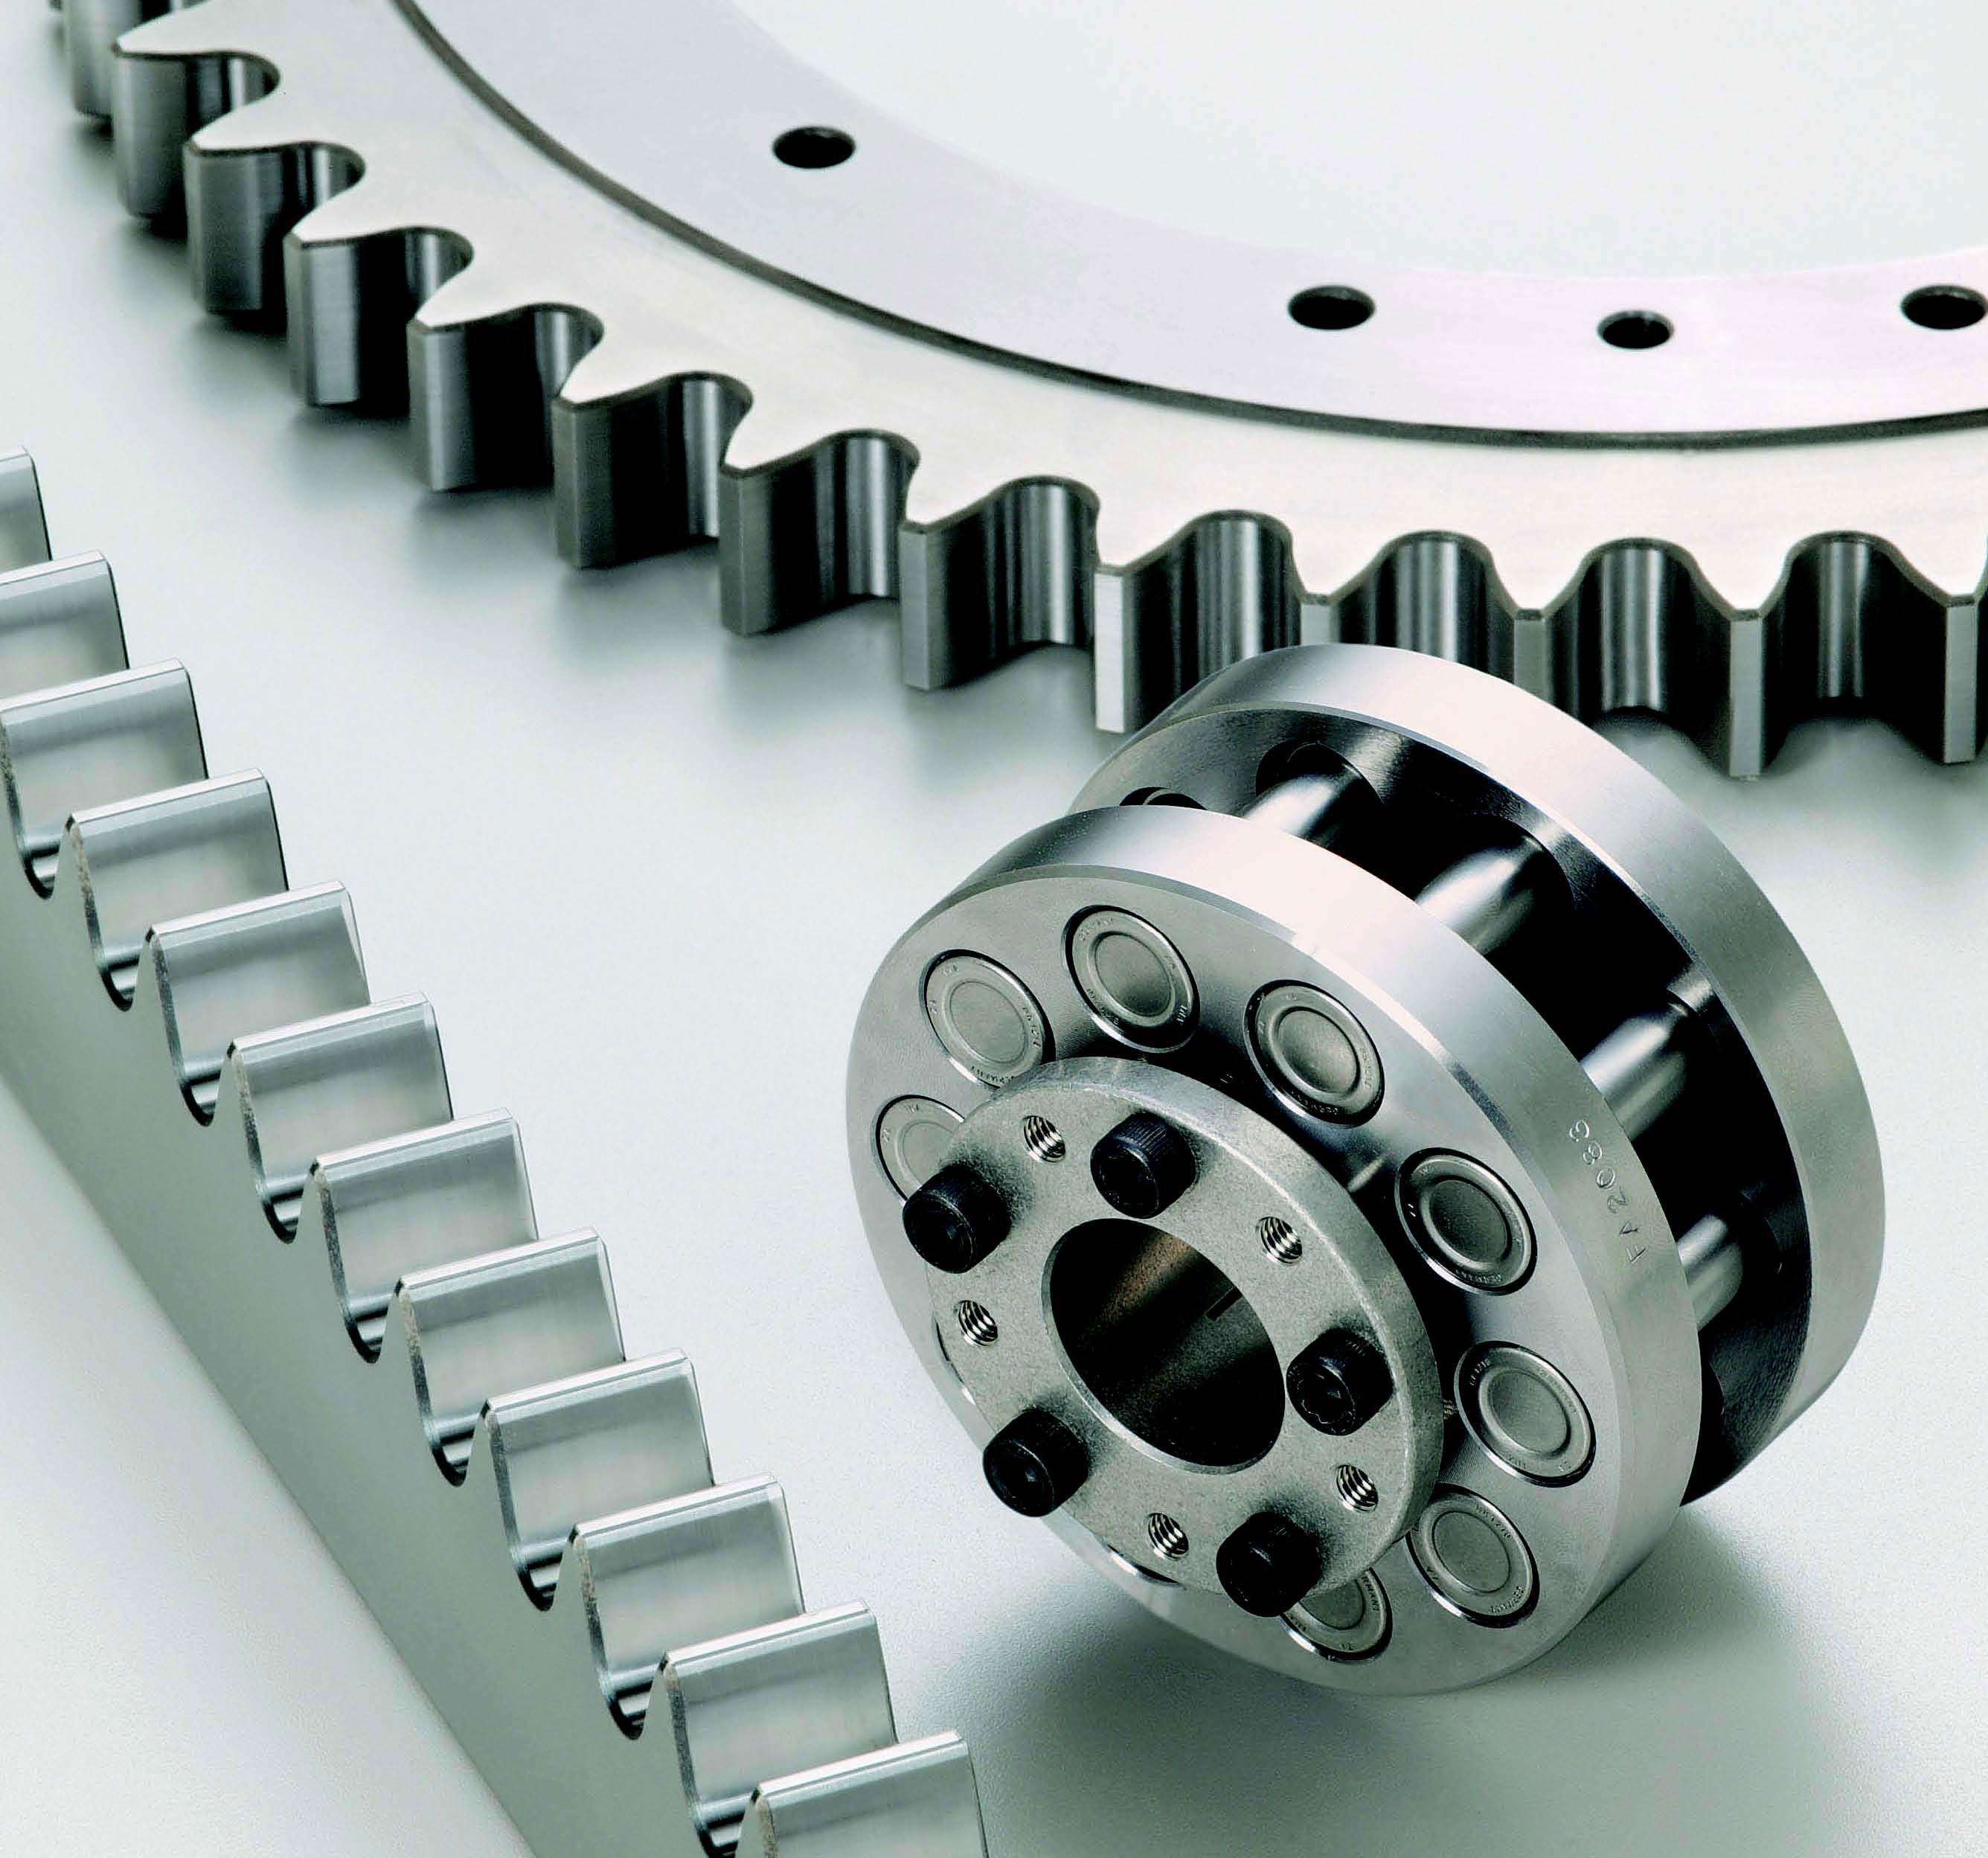 我国有哪几种主流磁力研磨机技术